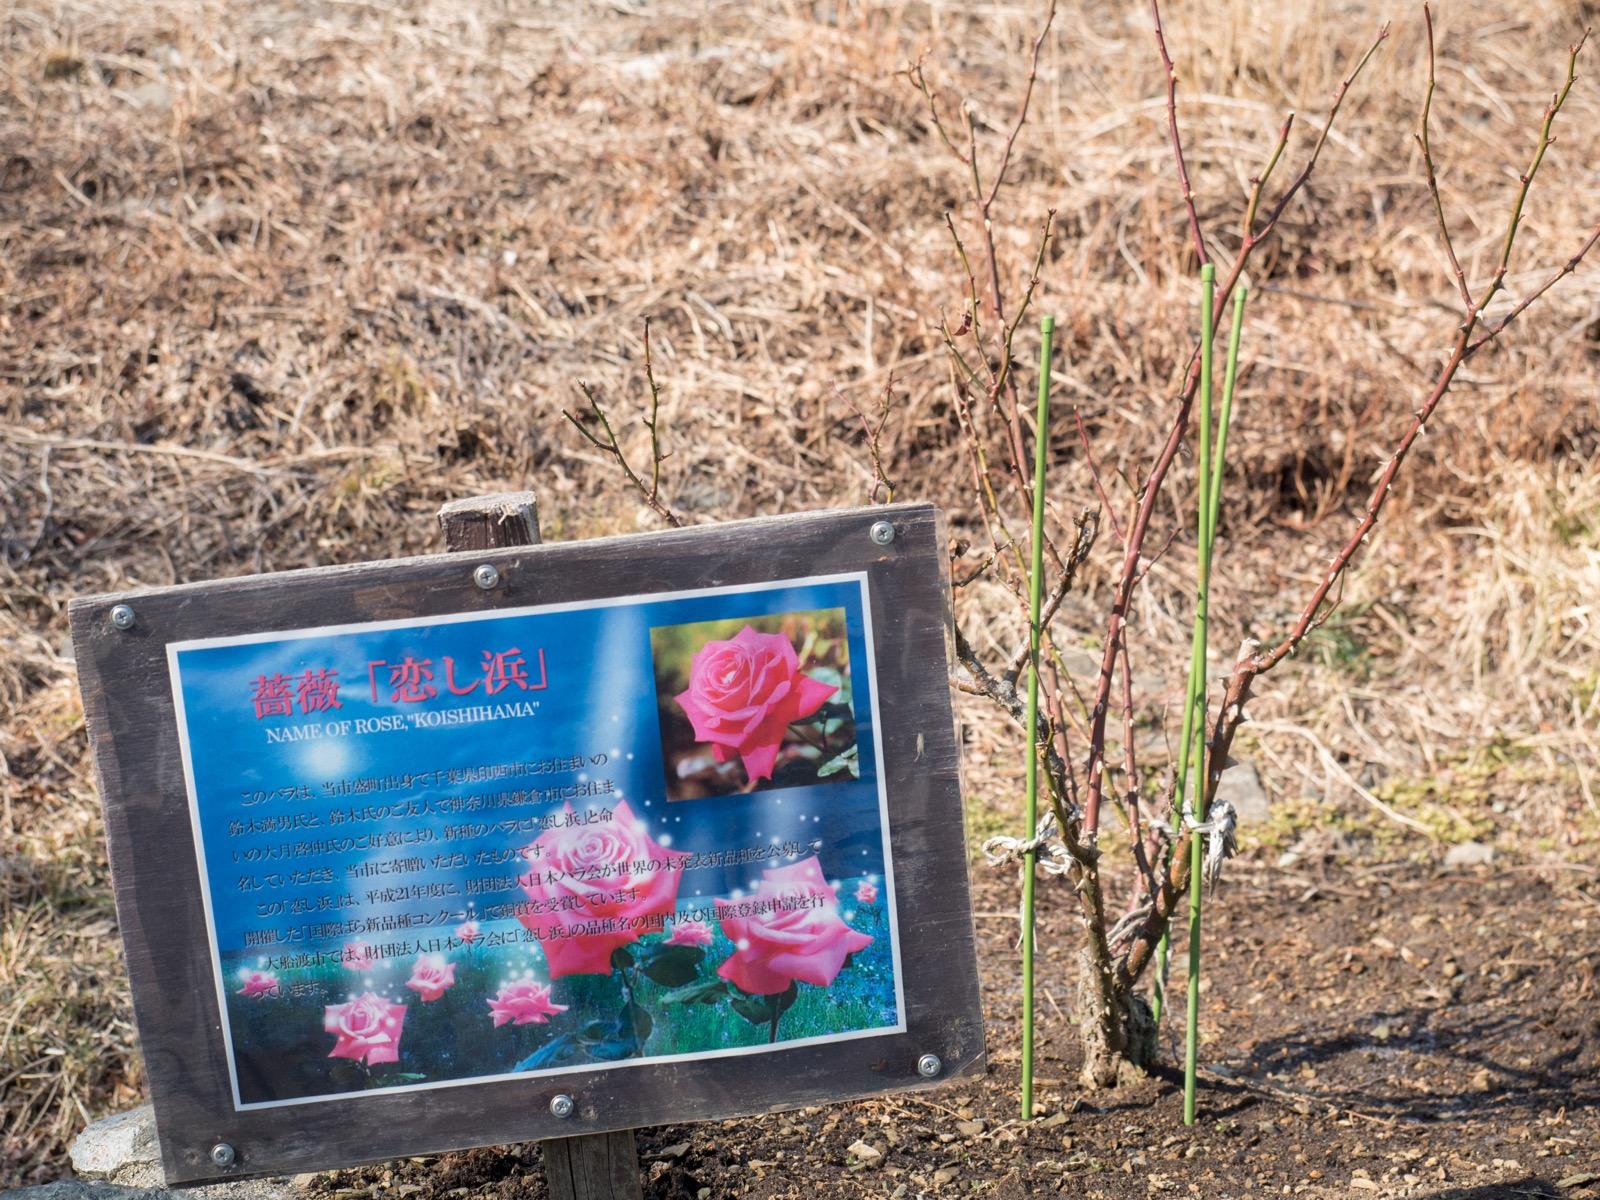 恋し浜駅前に植えれられたバラ「恋し浜」(2016年2月)